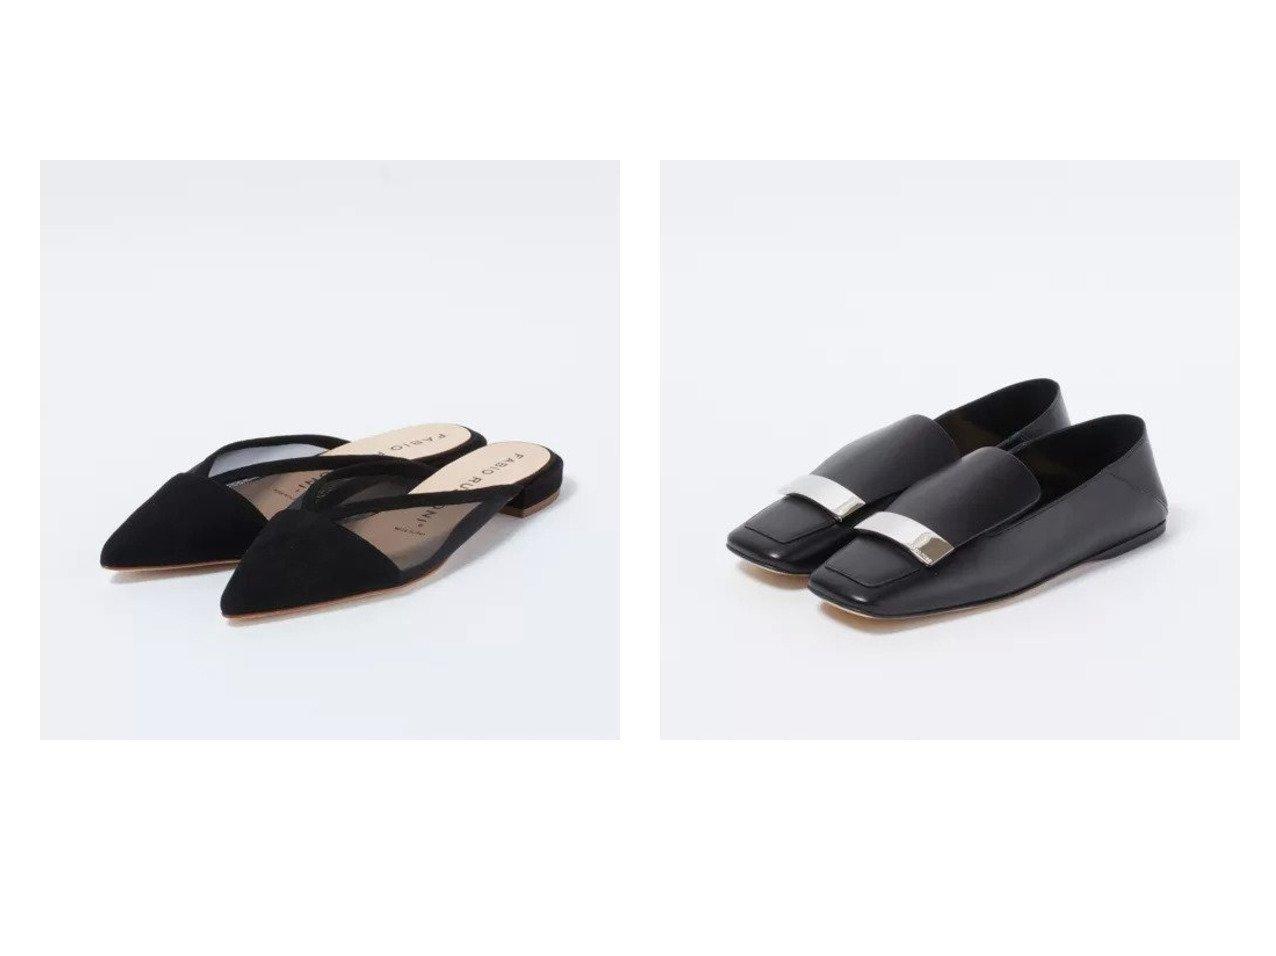 【SERGIO ROSSI/セルジオ ロッシ】のsr1 スリッパ&【FABIO RUSCONI/ファビオ ルスコーニ】のシースルーコンビミュール 【シューズ・靴】おすすめ!人気、トレンド・レディースファッションの通販 おすすめで人気の流行・トレンド、ファッションの通販商品 メンズファッション・キッズファッション・インテリア・家具・レディースファッション・服の通販 founy(ファニー) https://founy.com/ 雑誌掲載アイテム Magazine Items ファッション雑誌 Fashion Magazines エクラ eclat ファッション Fashion レディースファッション WOMEN 4月号 シューズ シルバー スクエア スリッパ スリッポン プレート メタル ロング 雑誌  ID:crp329100000029178